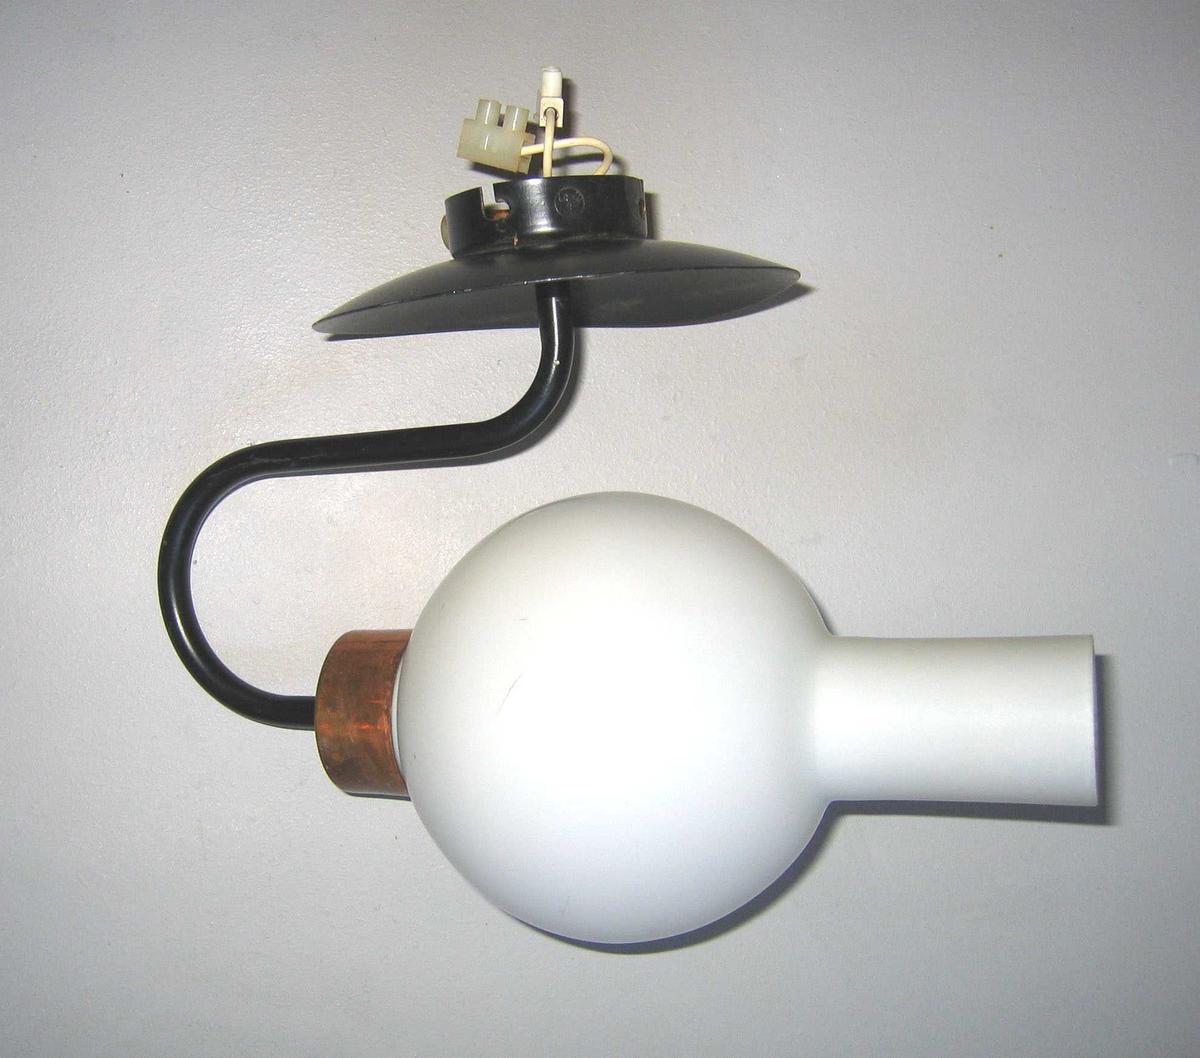 Vegglampe/lampett frå omkring 1965-1970.